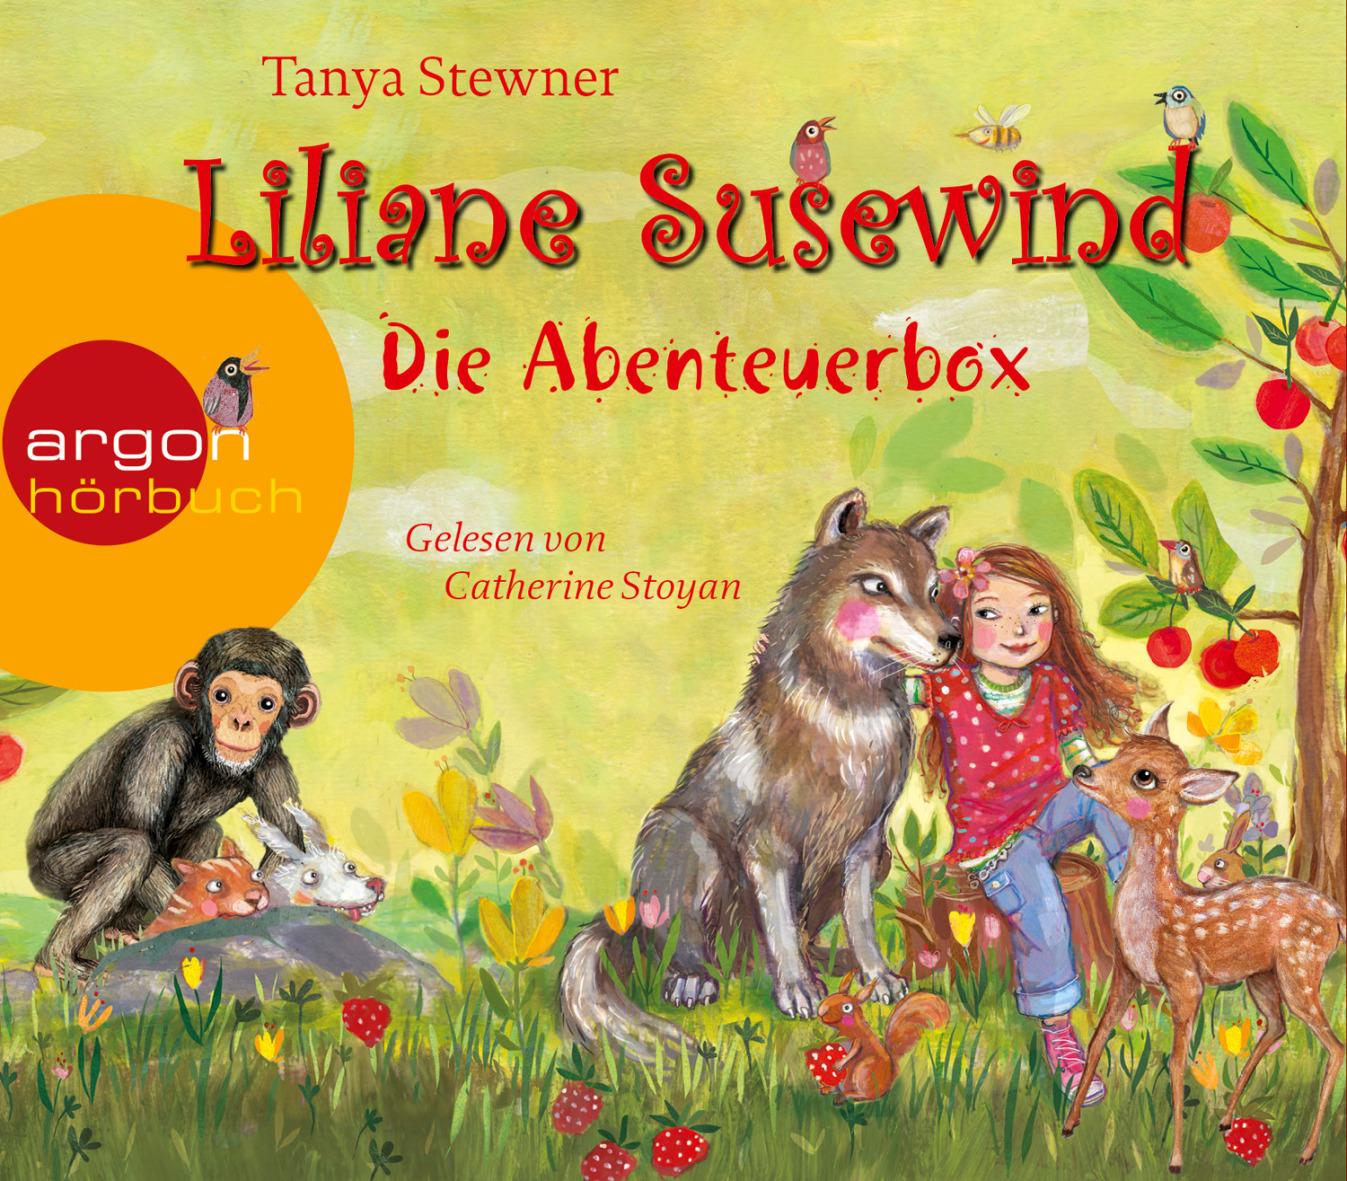 Liliane Susewind - Die Abenteuerbox: Rückt dem Wolf nicht auf den Pelz! / Ein Panda ist kein Känguruh / Schimpansen mach